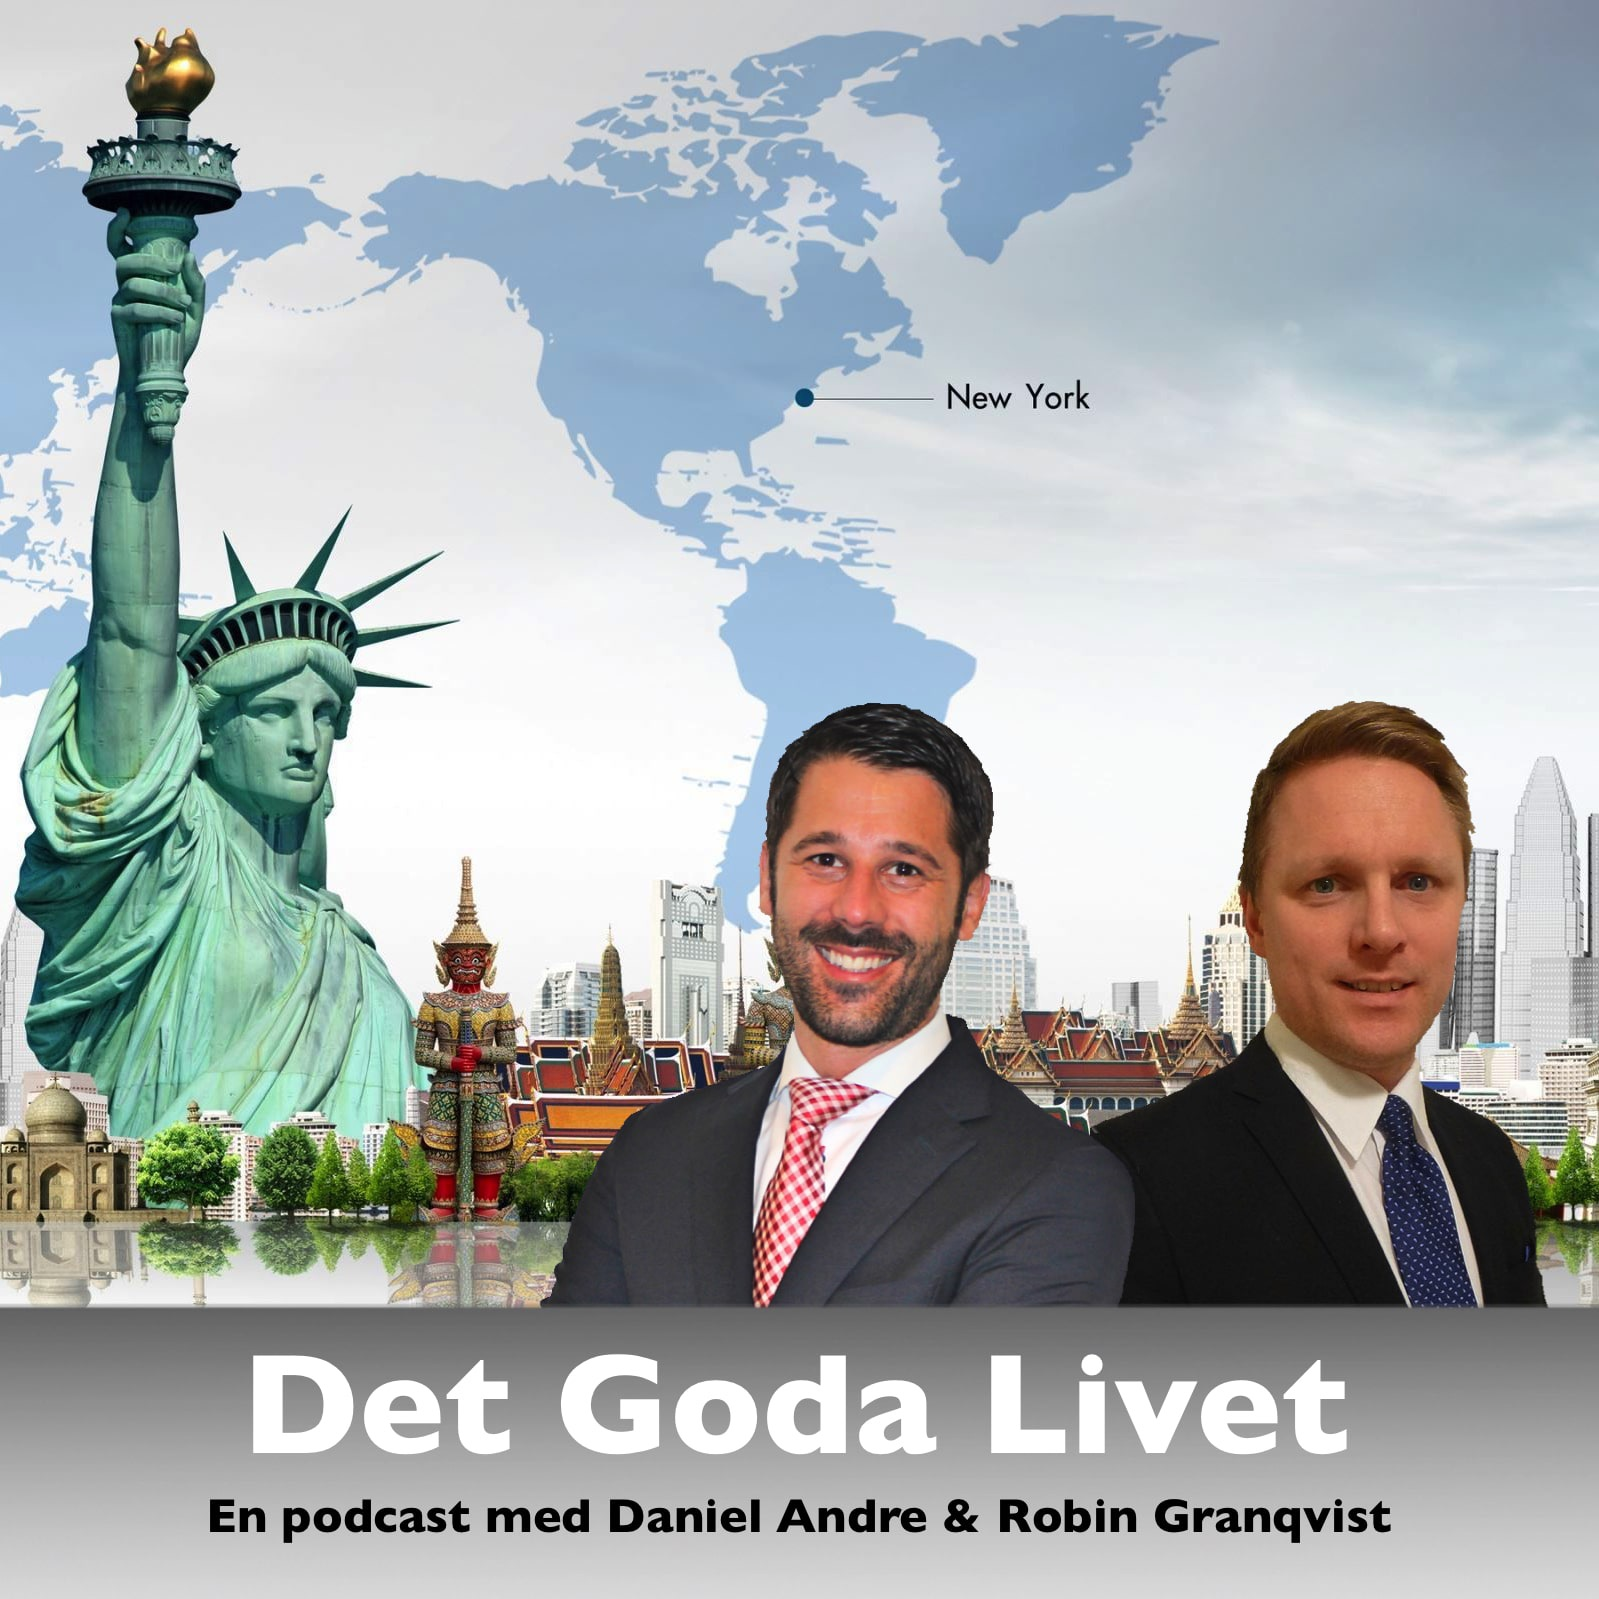 Podcasten Det Goda Livet